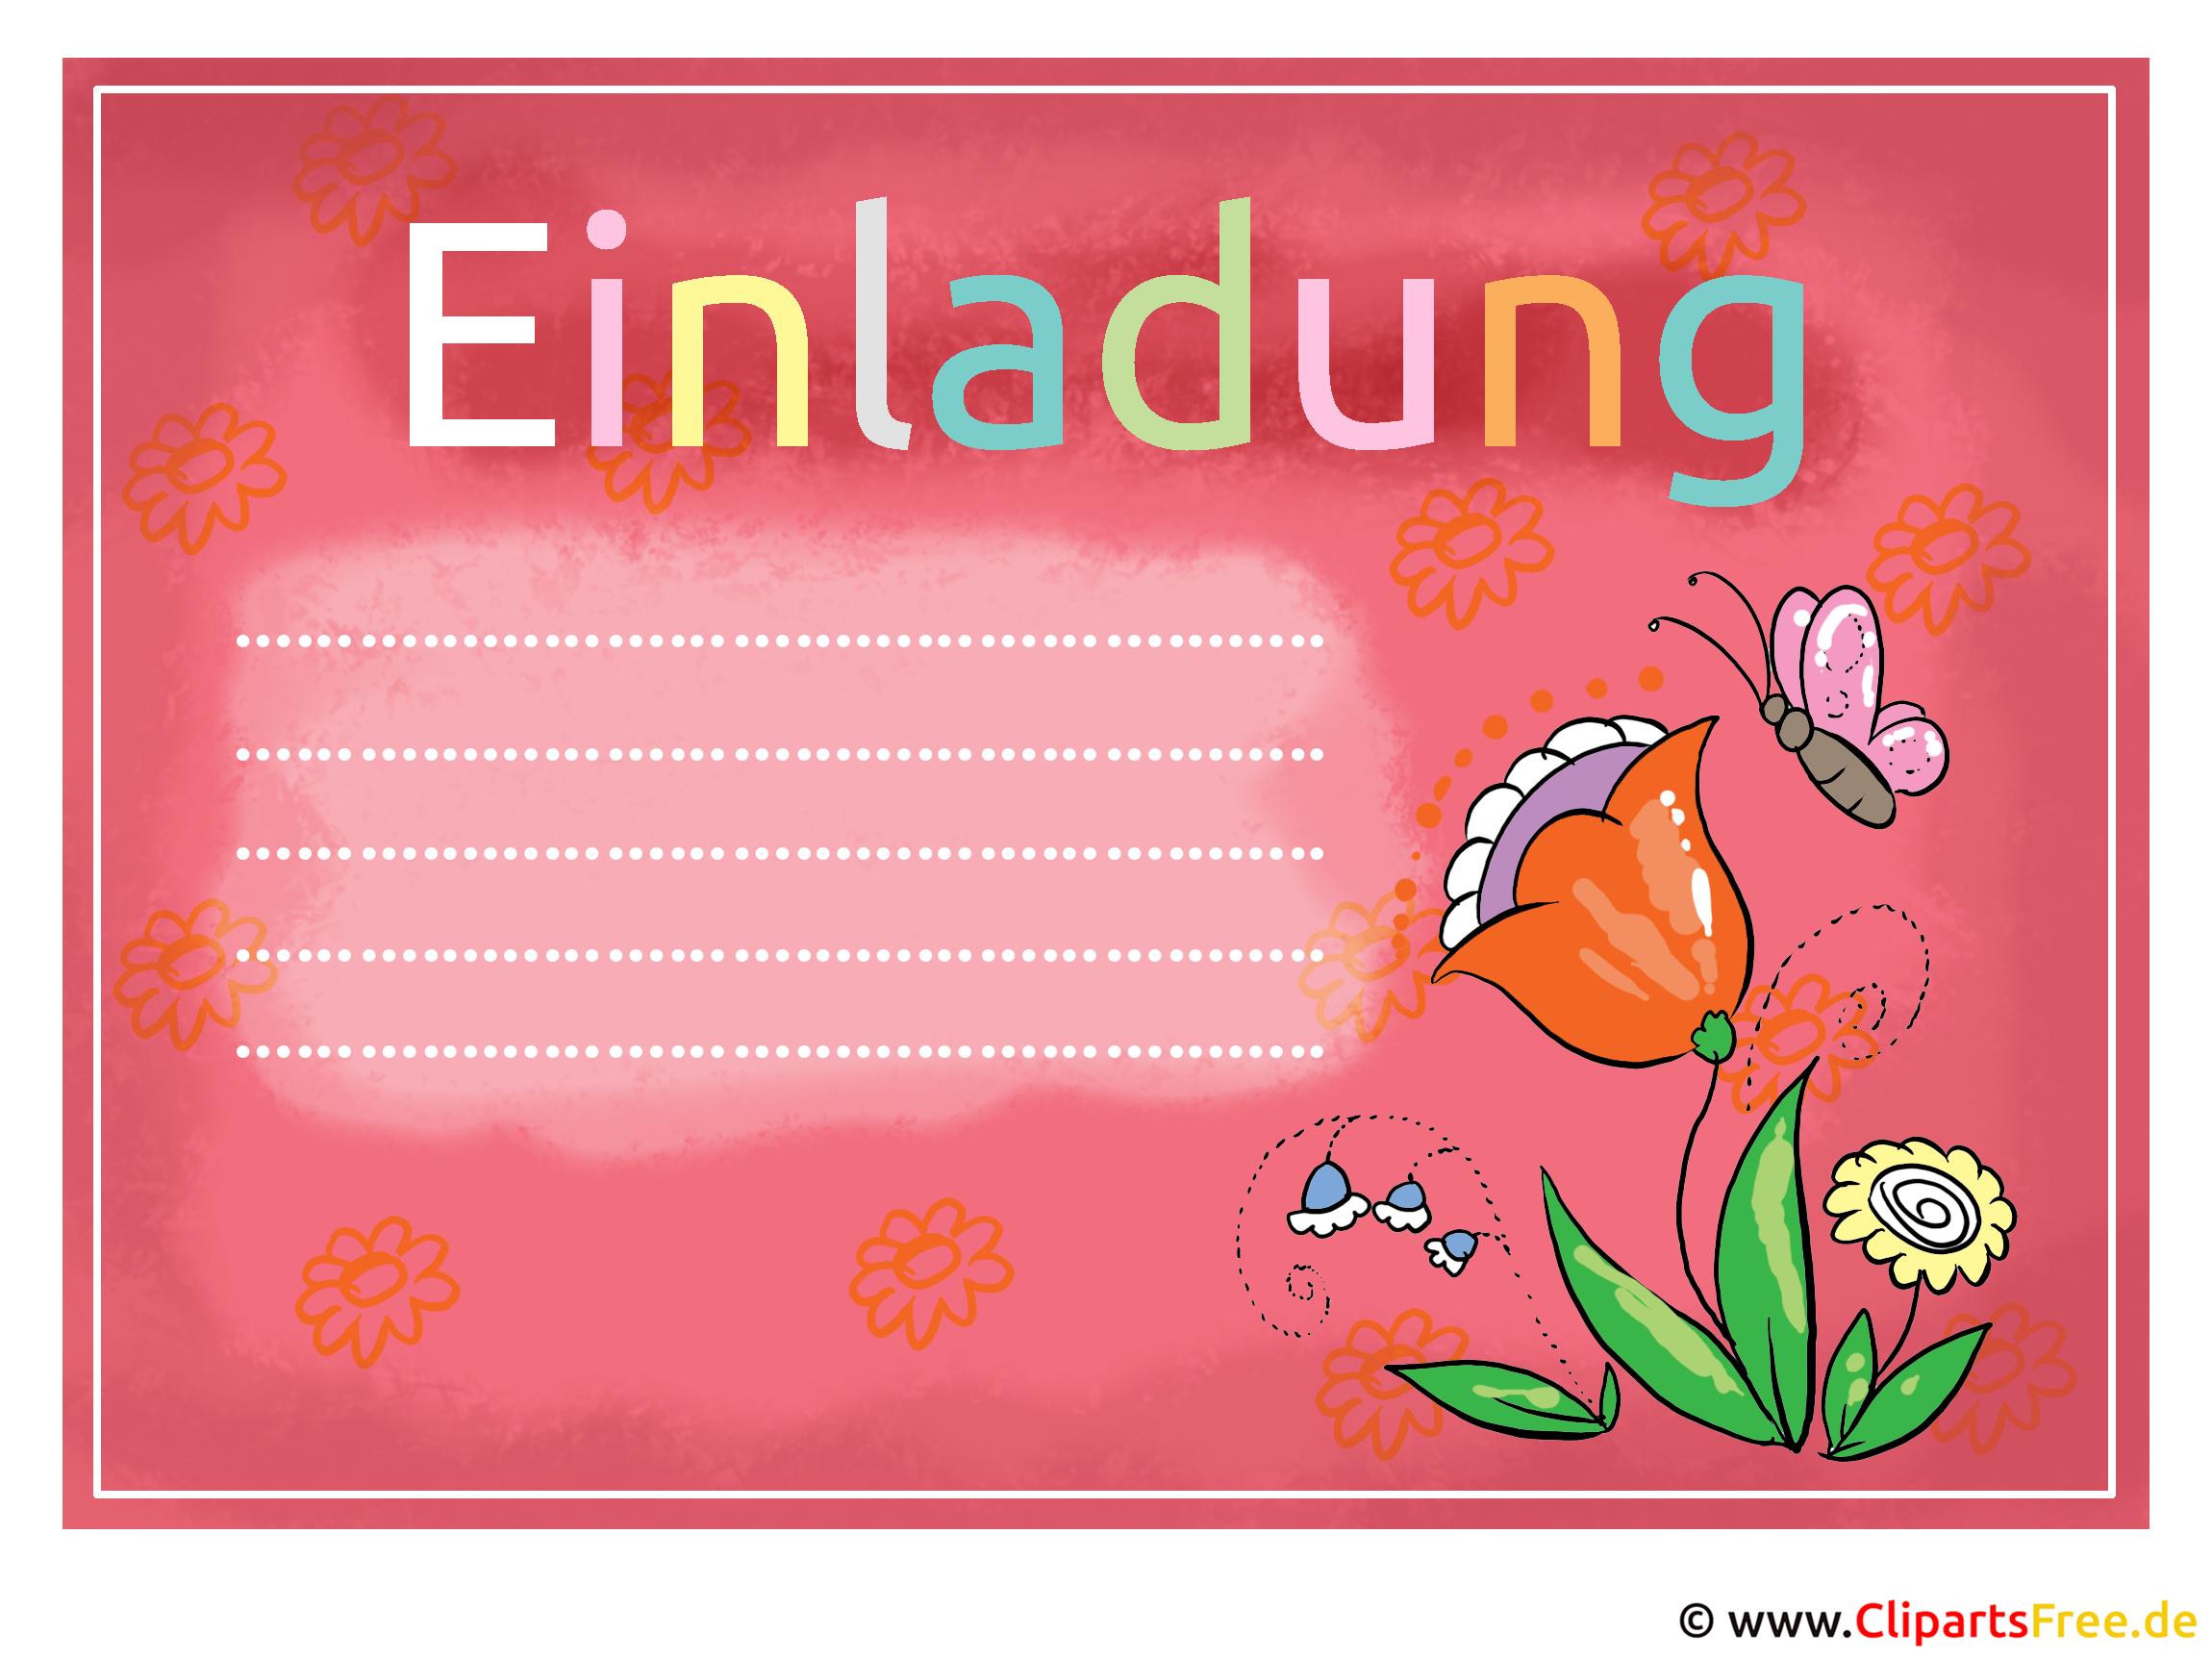 Einladungskarten Geburtstag Gestalten Einladungskarten: Einladung Vorlage Zu Party, Geburtstag, Essen